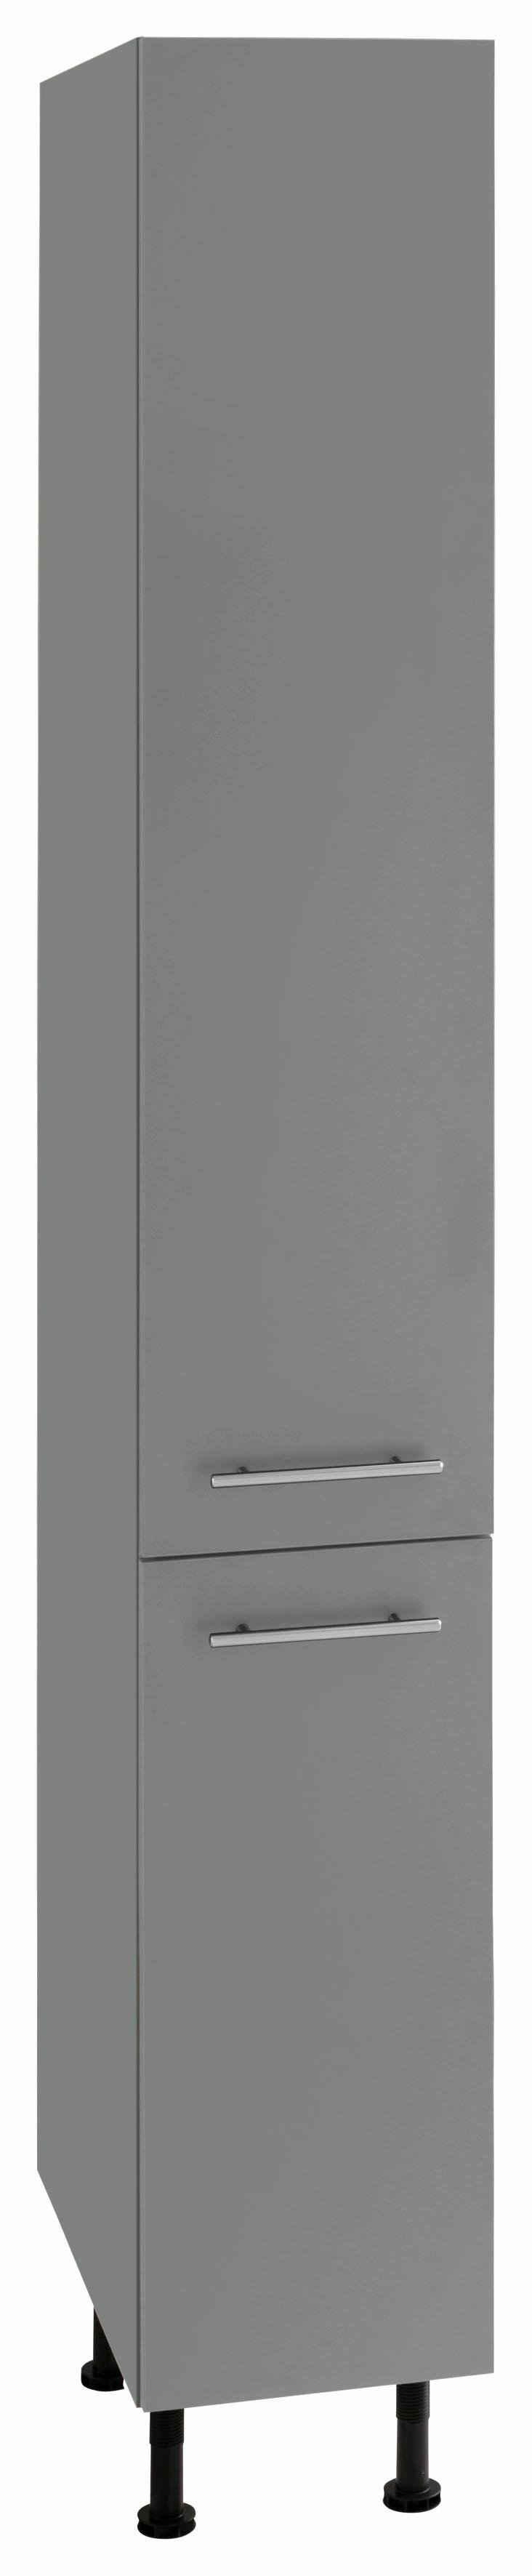 OPTIFIT Apothekerschrank »Bern« 30 cm breit, 212 cm hoch, mit höhenverstellbaren Stellfüßen, mit Metallgriffen